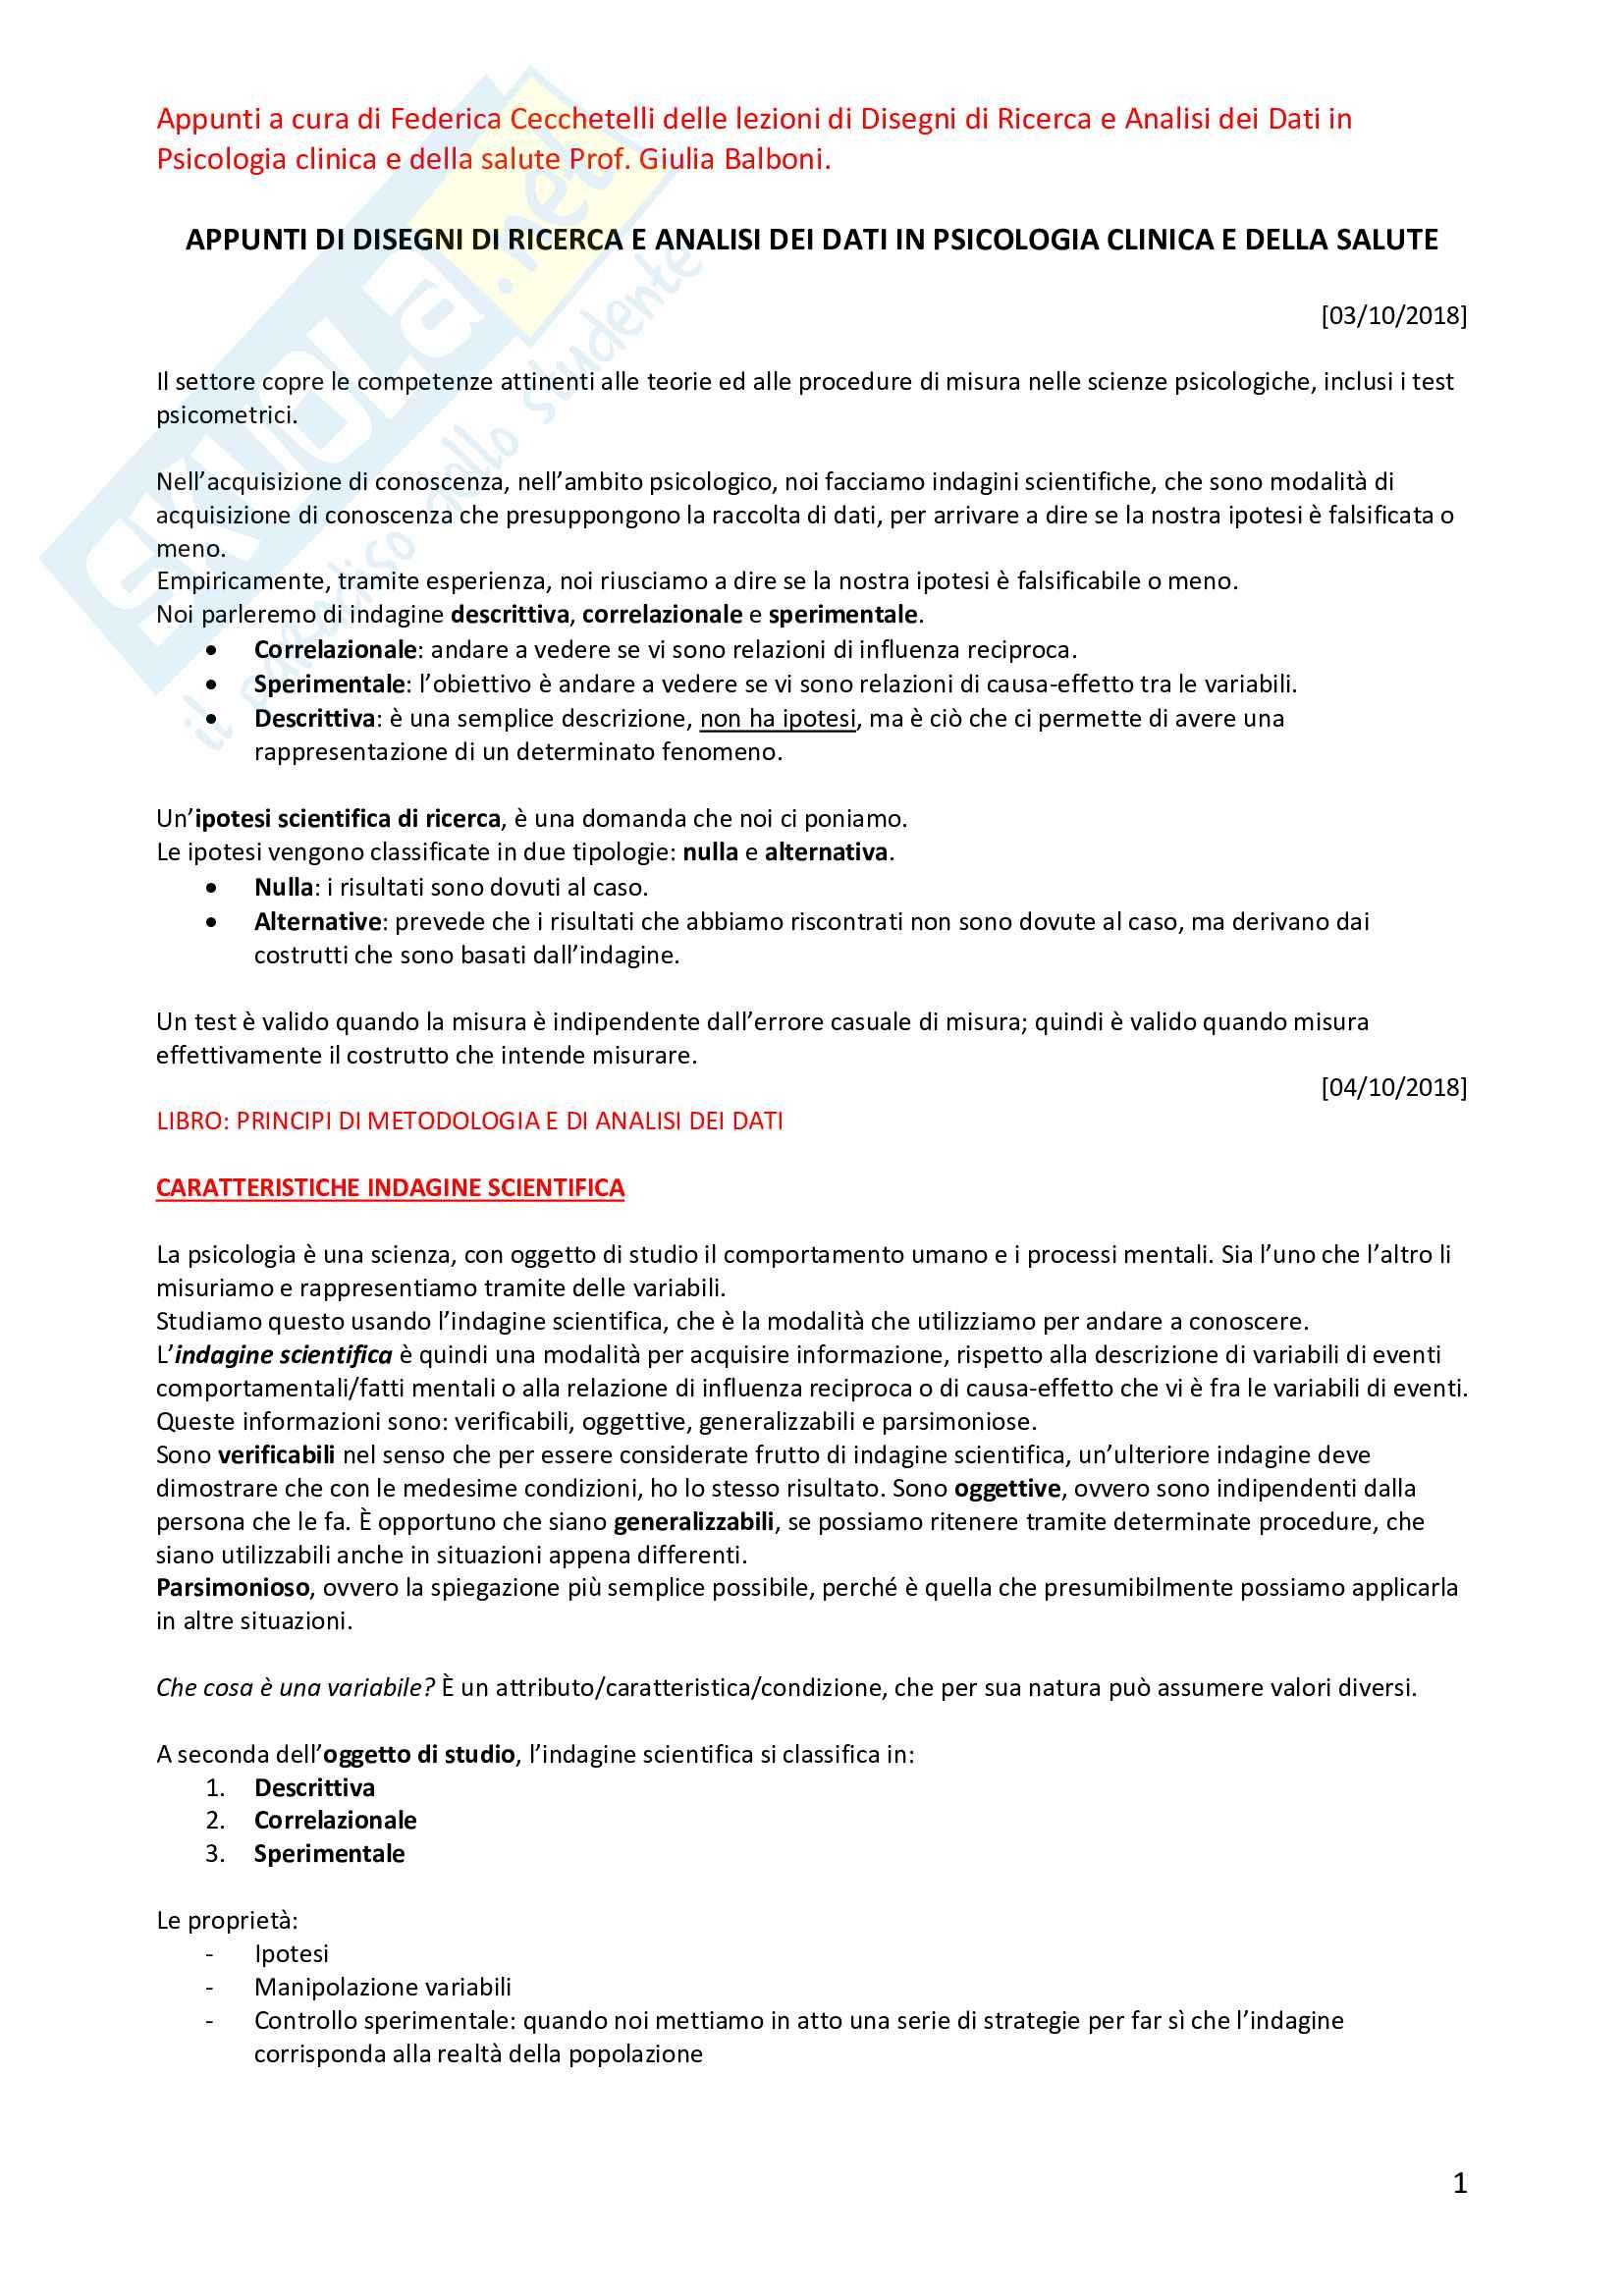 Appunti di disegni di ricerca e analisi dei dati in psicologia clinica e della salute